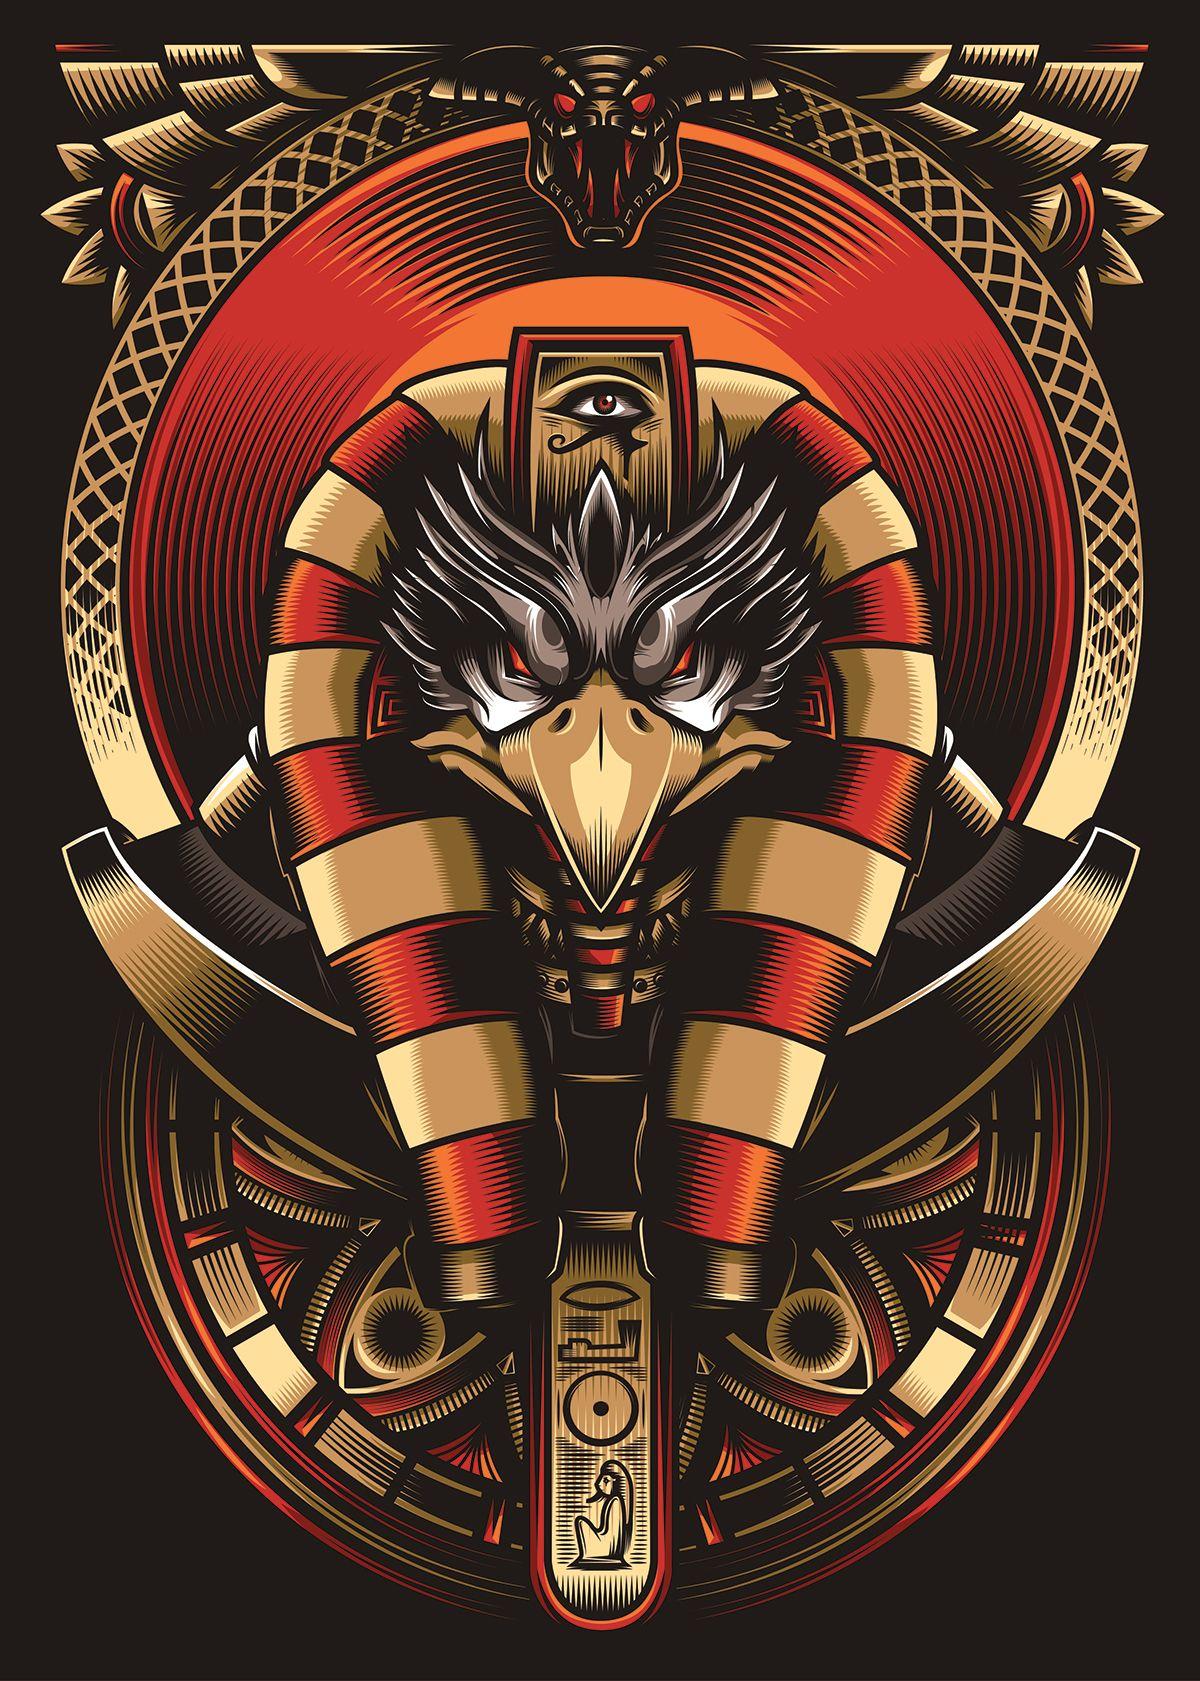 Egyptian God Ra - Vector Illustration on Behance | Ancient egyptian gods, Egyptian  gods, Ancient egypt art